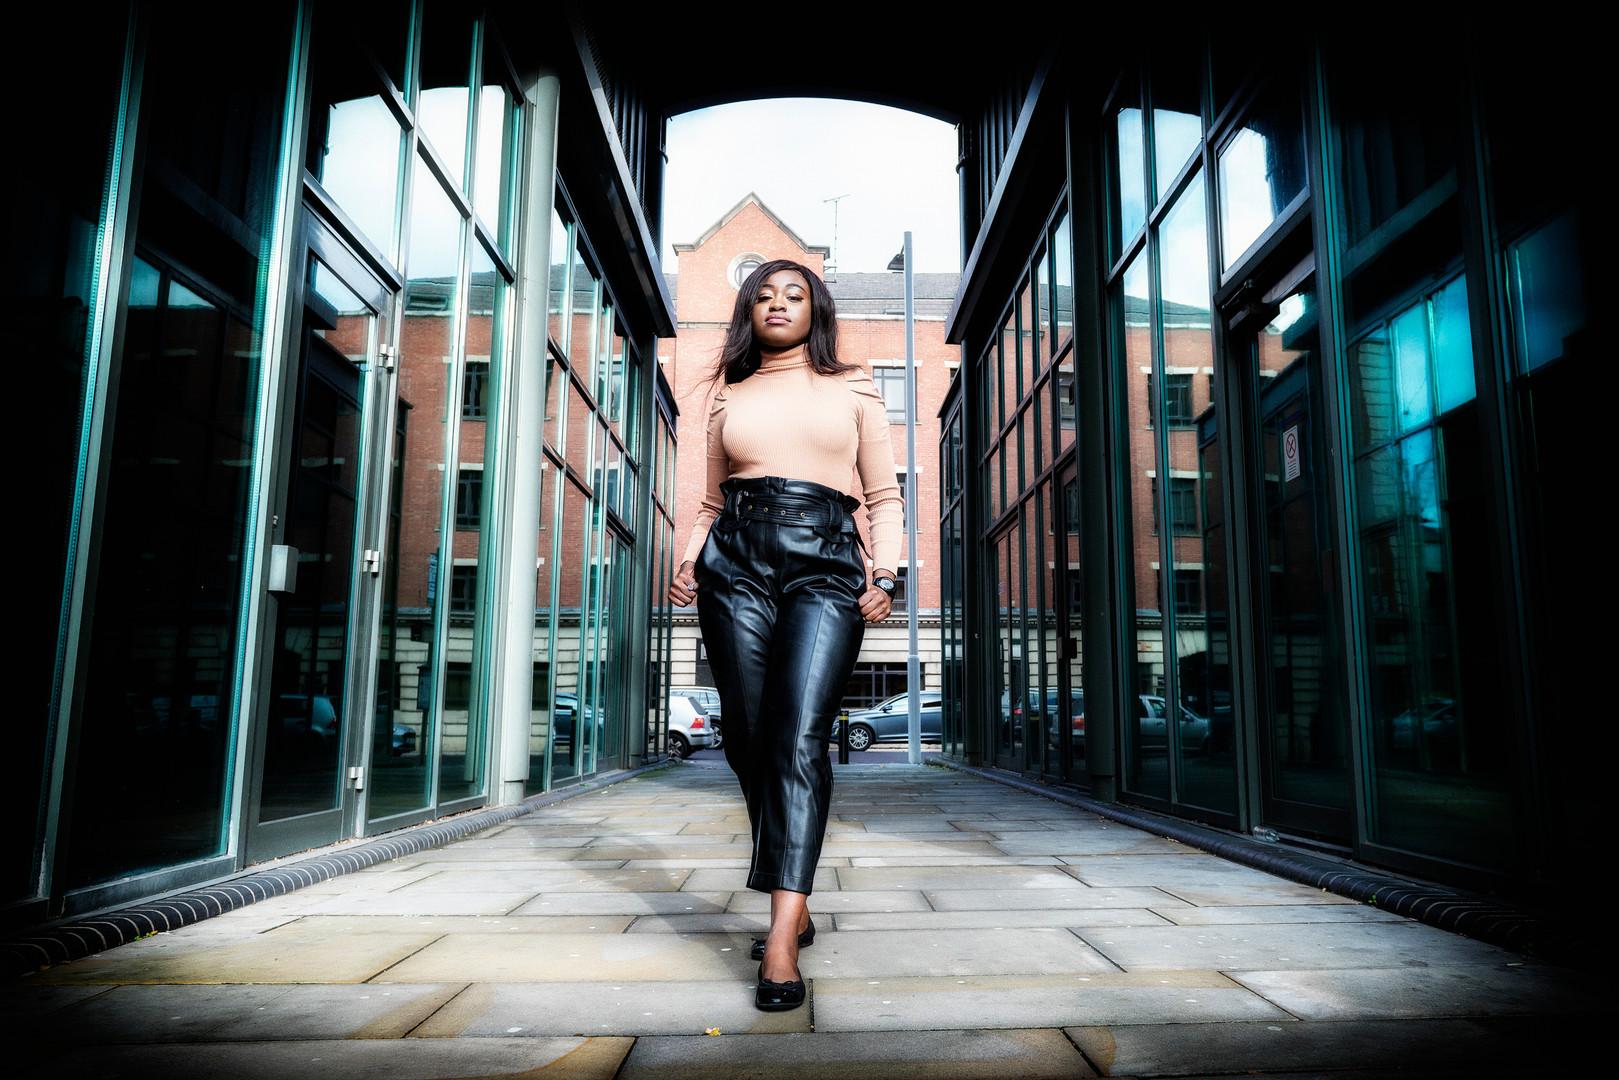 Notts Model Photographer